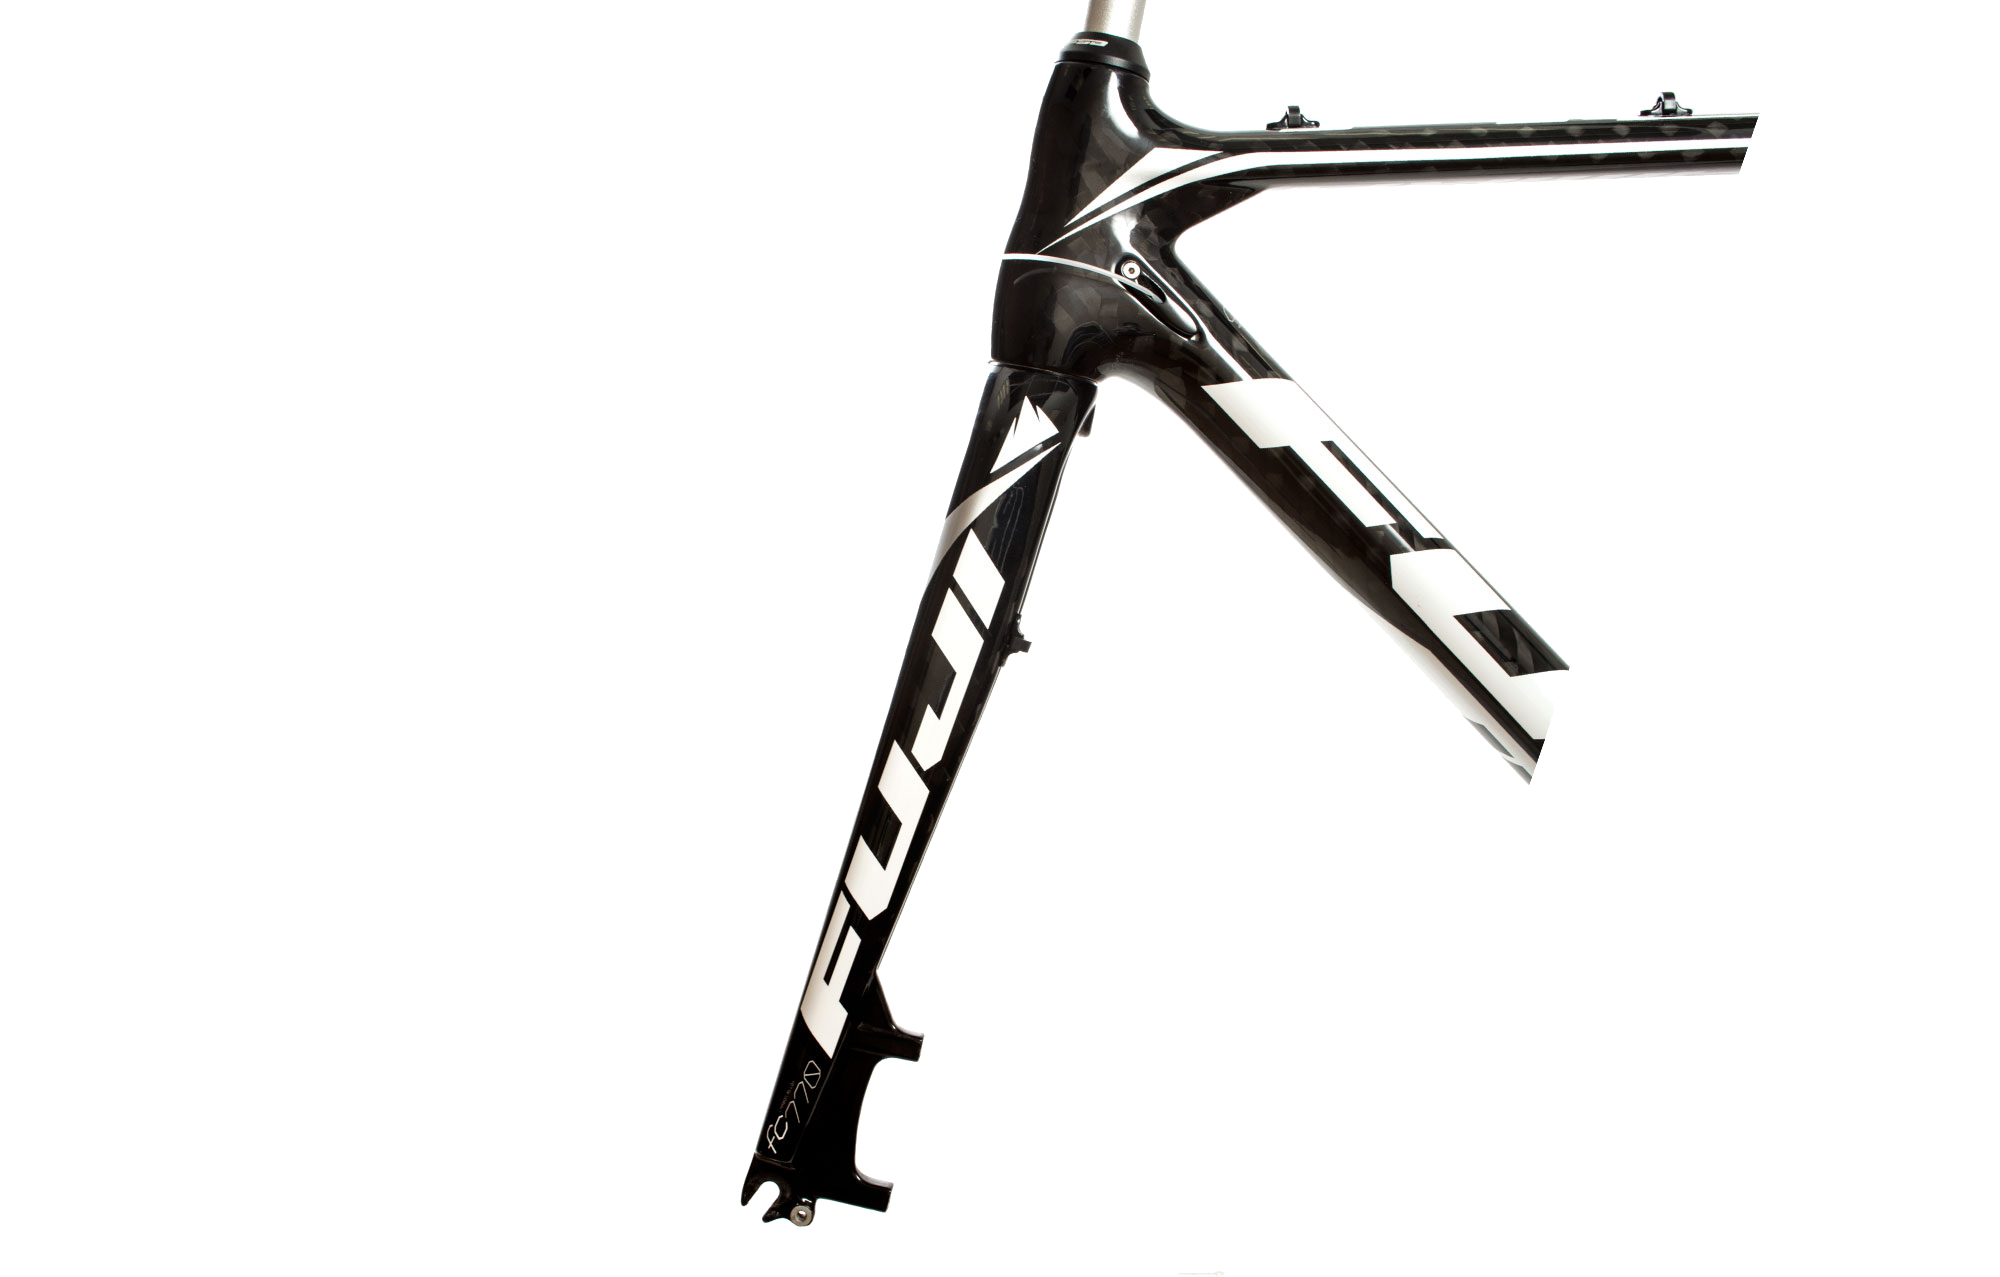 fuji cadre cyclo cross altamira cx 1 5 carbone noir alltricks fr